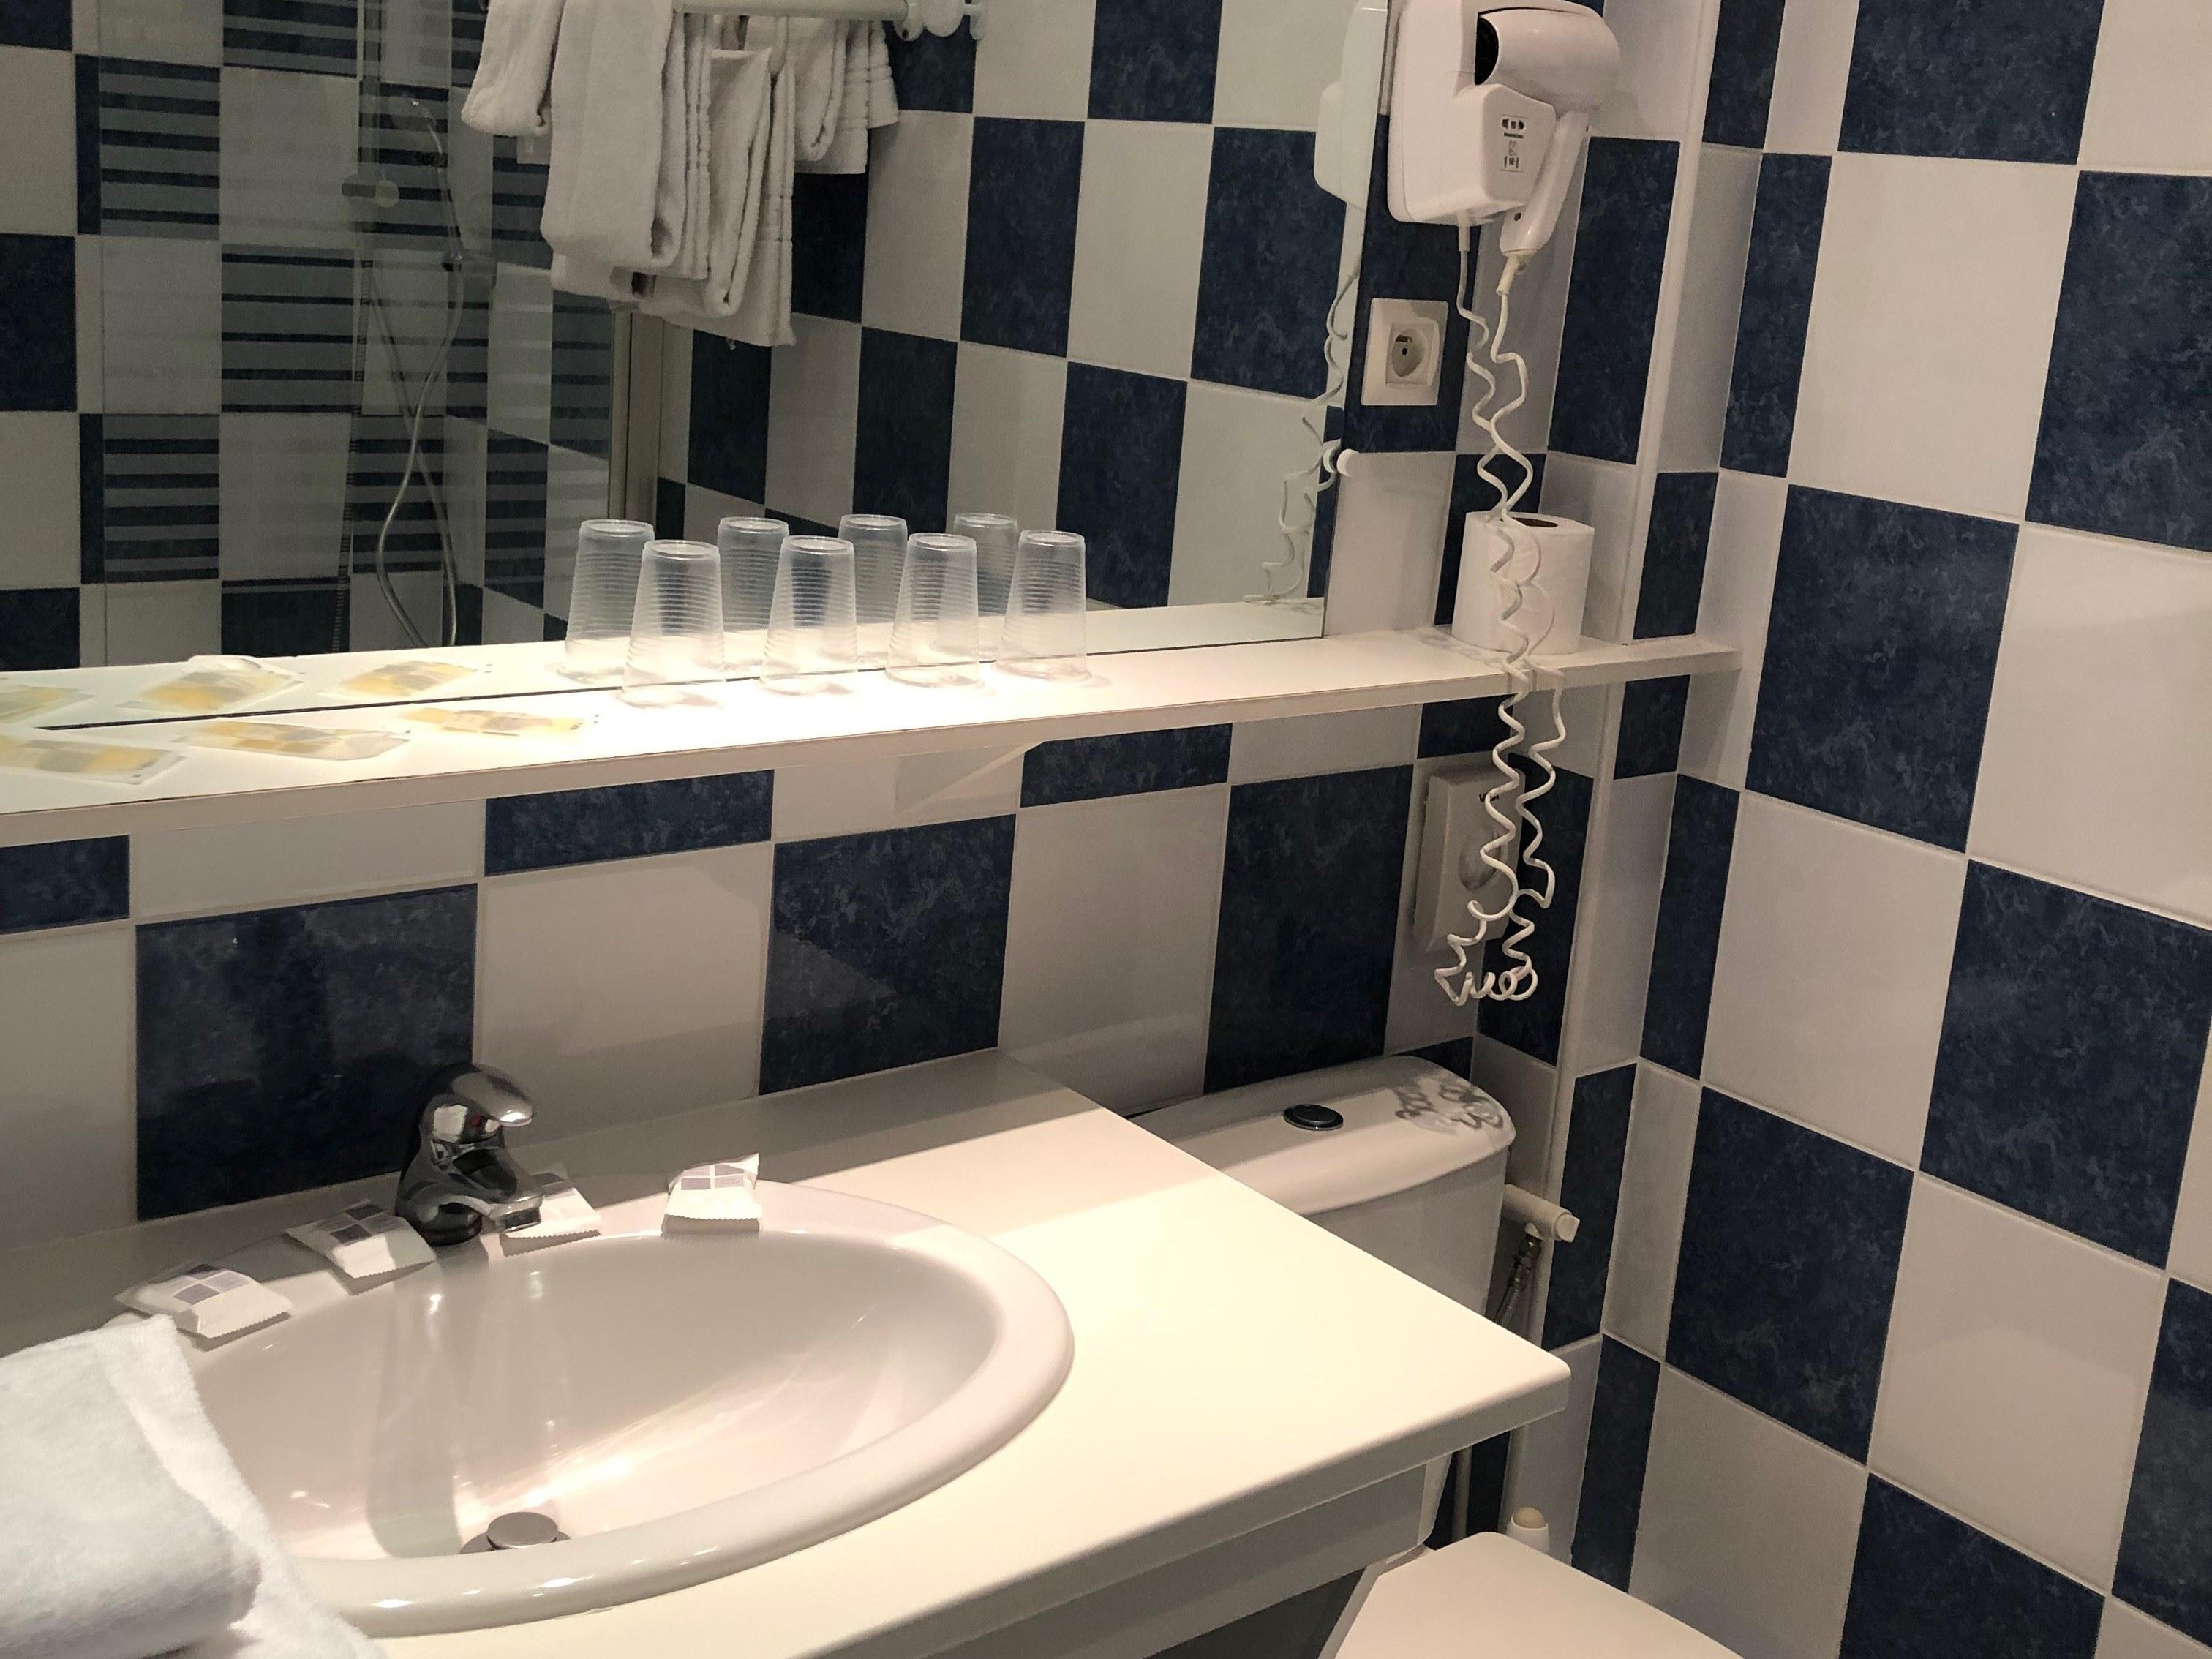 hotel-anne-de-bretagne-blois-centre-ville-salle-de-bains-chambre-quadruple-supérieure-baignoire